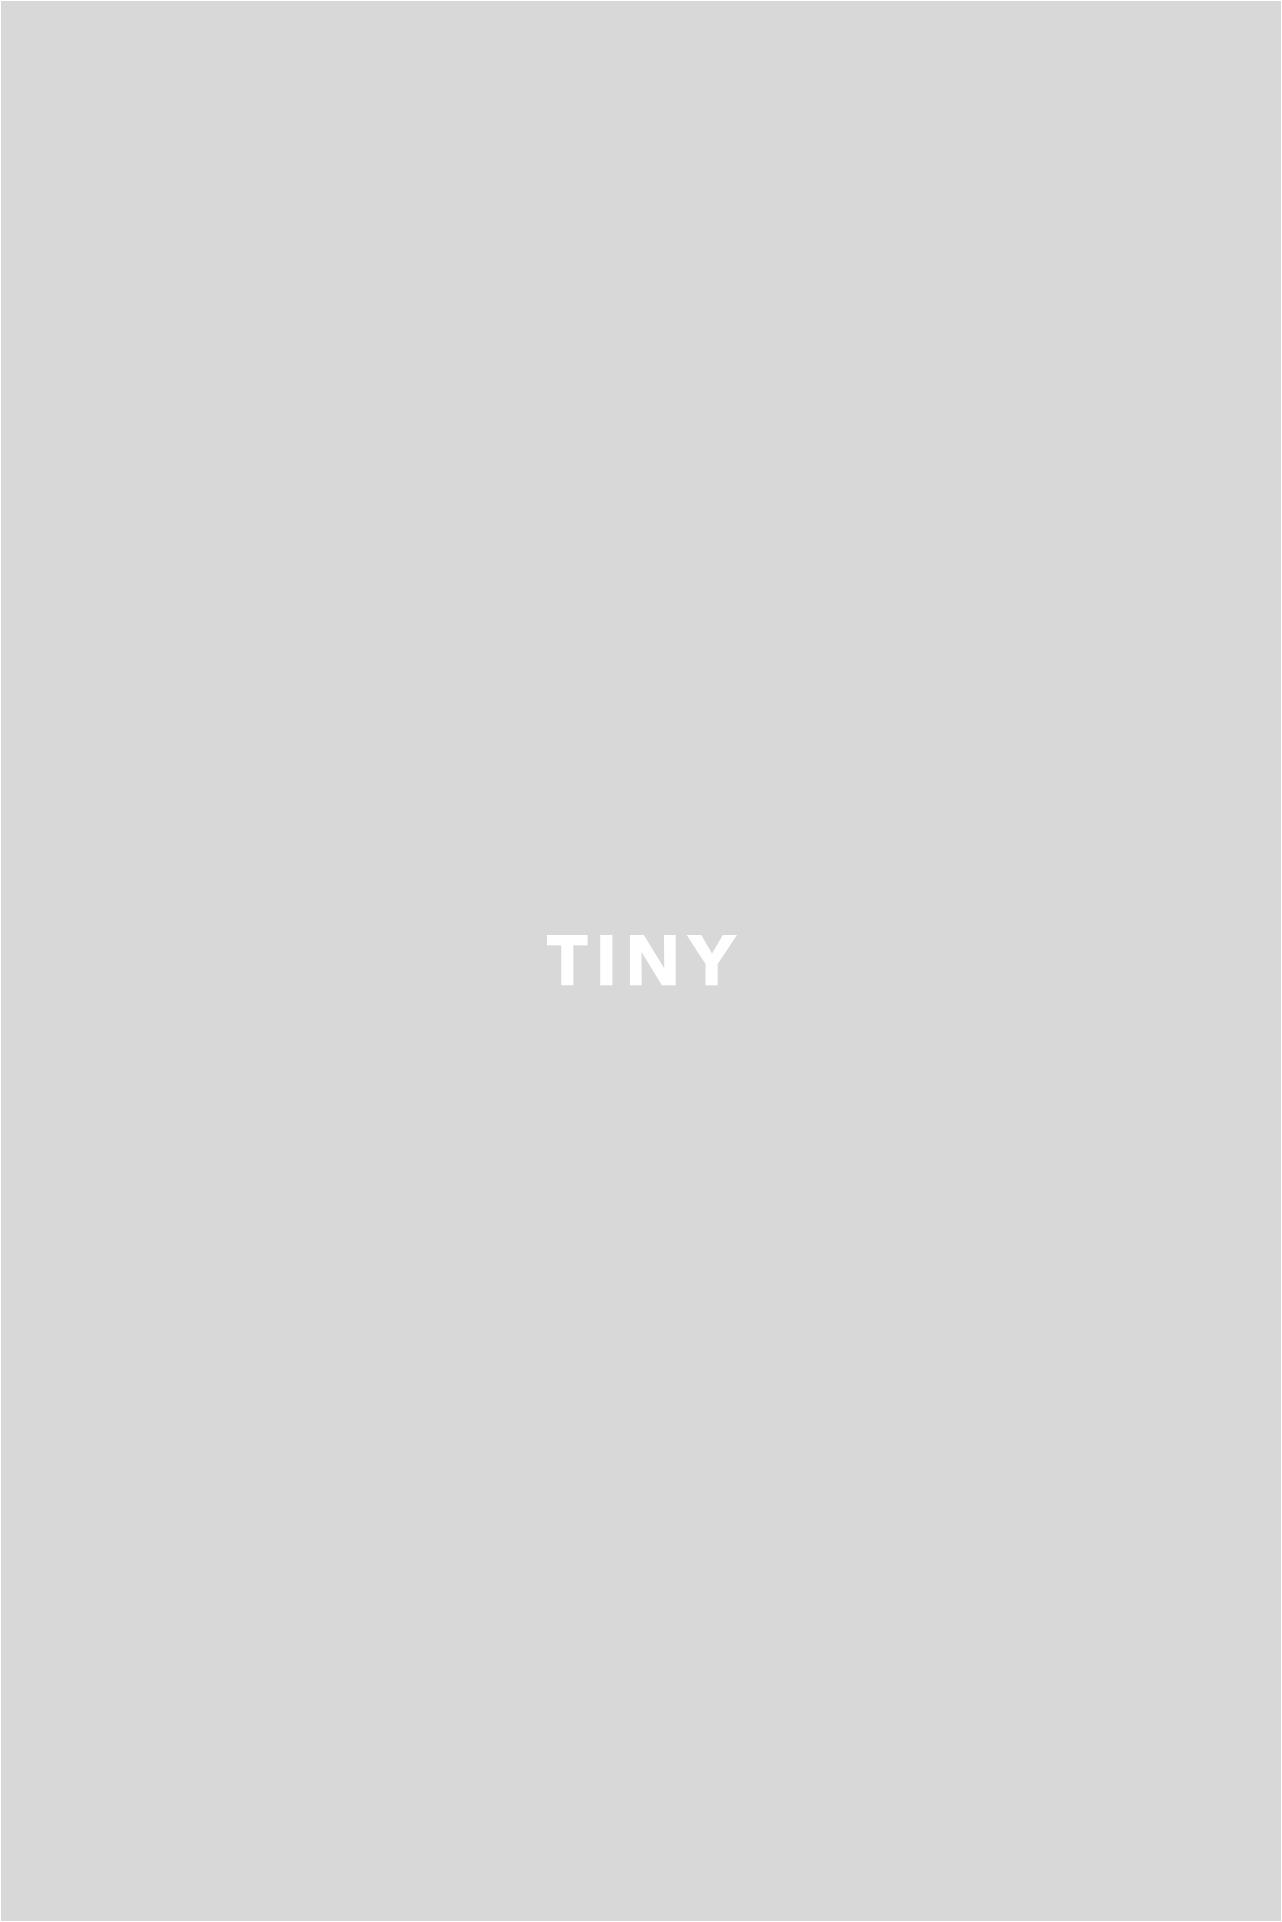 SUNFAN SOLID BUCKET HAT